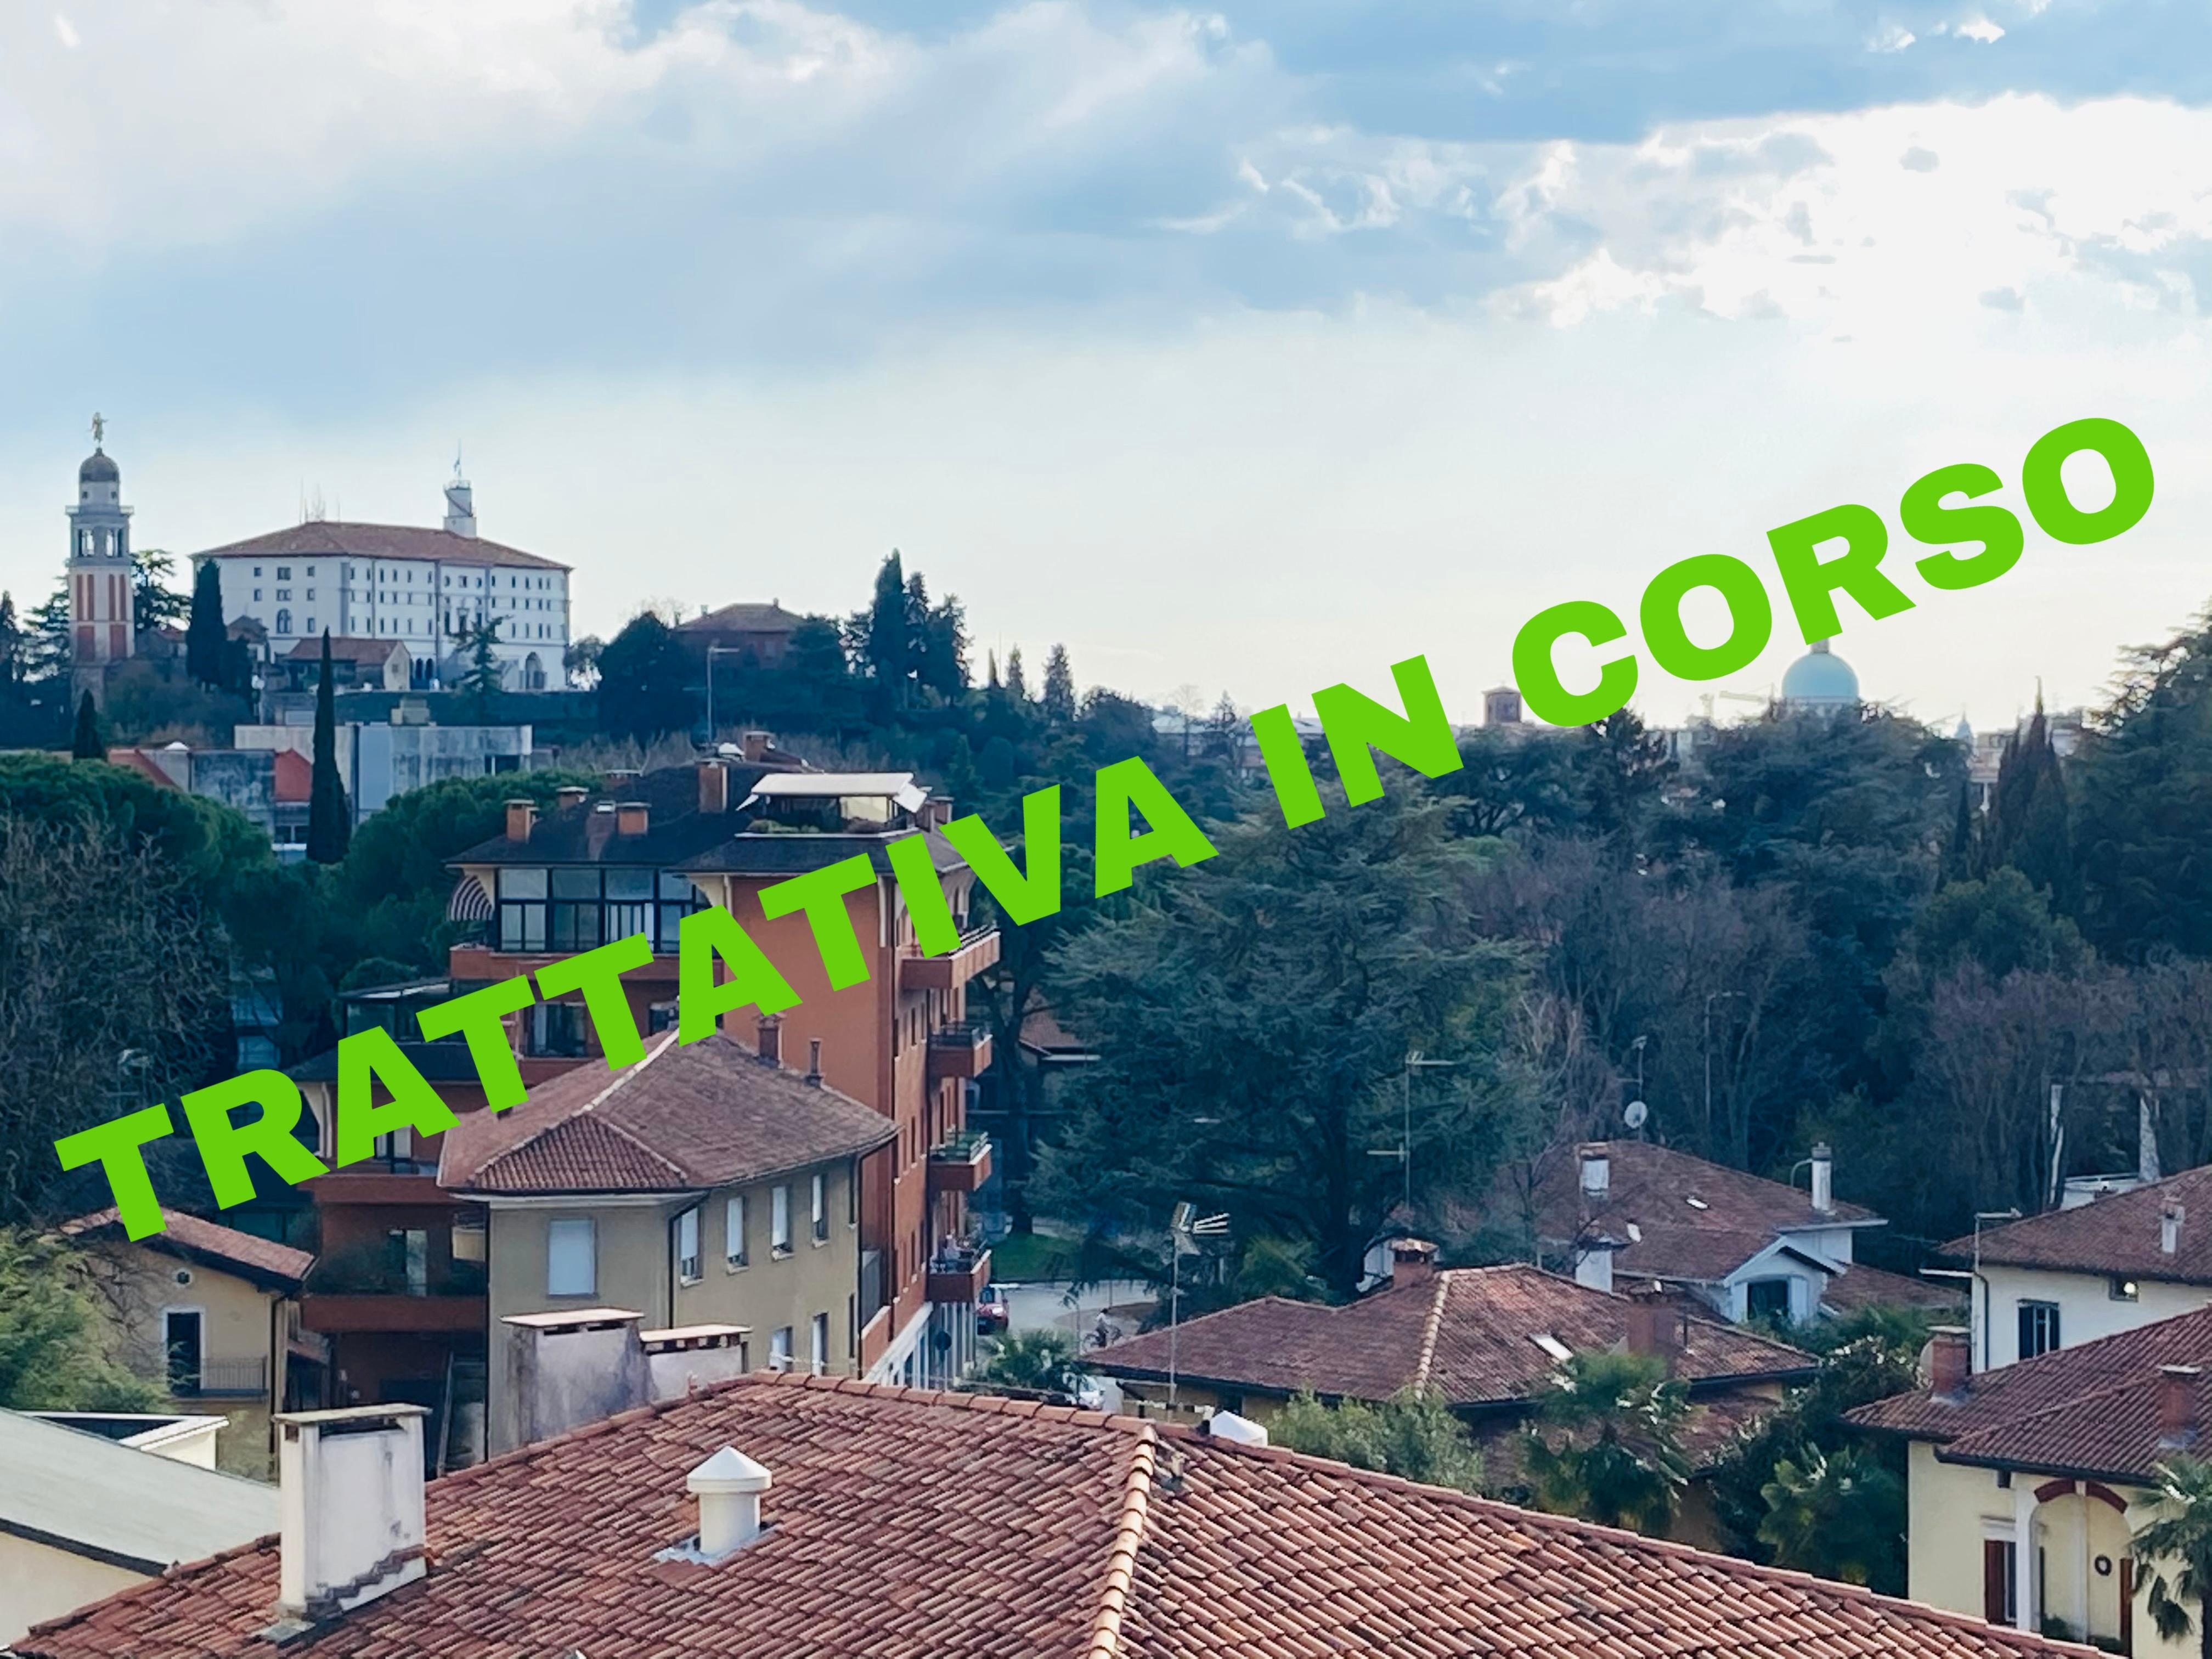 Attico / Mansarda in vendita a Udine, 4 locali, prezzo € 190.000   PortaleAgenzieImmobiliari.it